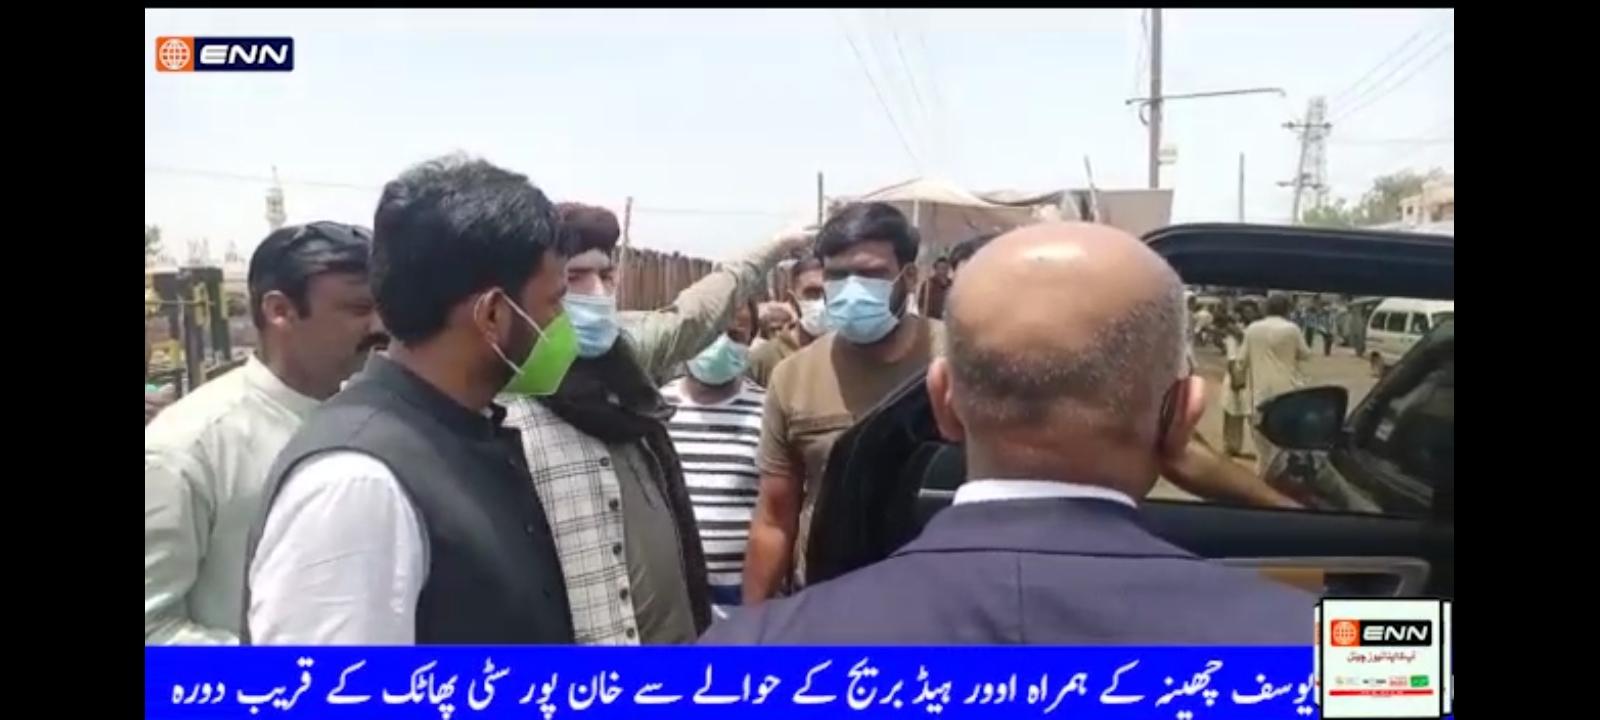 خان پور شہر کا انتہائی اہم مسئلہ